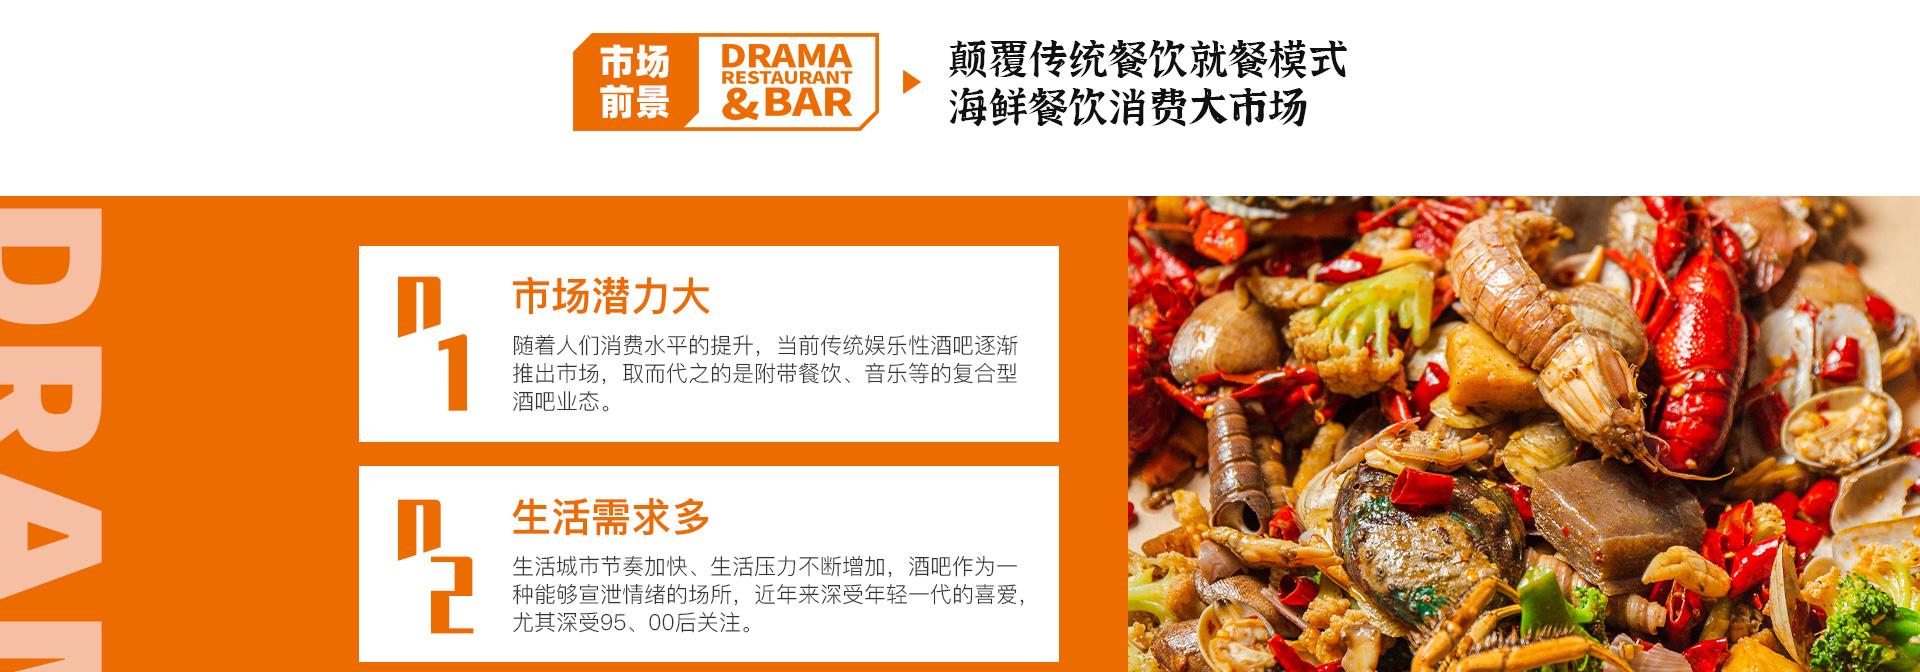 Drama抓麻手抓海鲜小酒馆详情_05